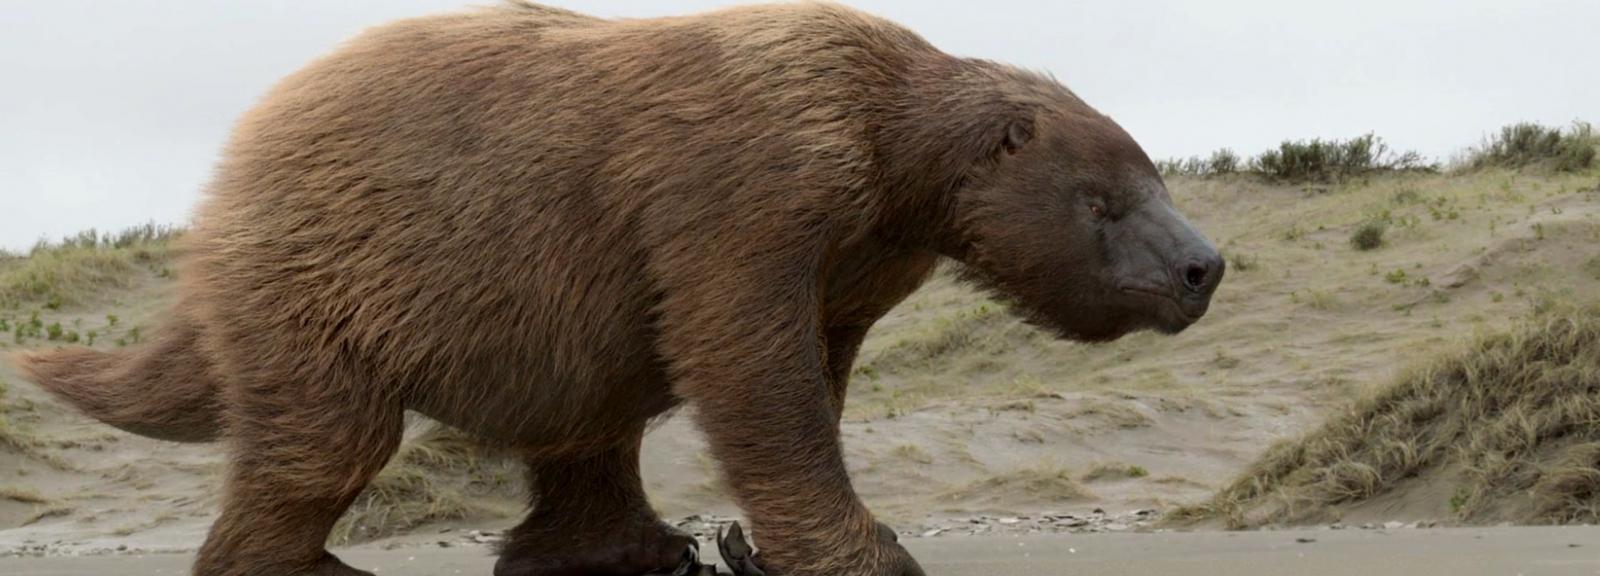 Megatherium présenté dans Géants disparus VR © French Connection Films